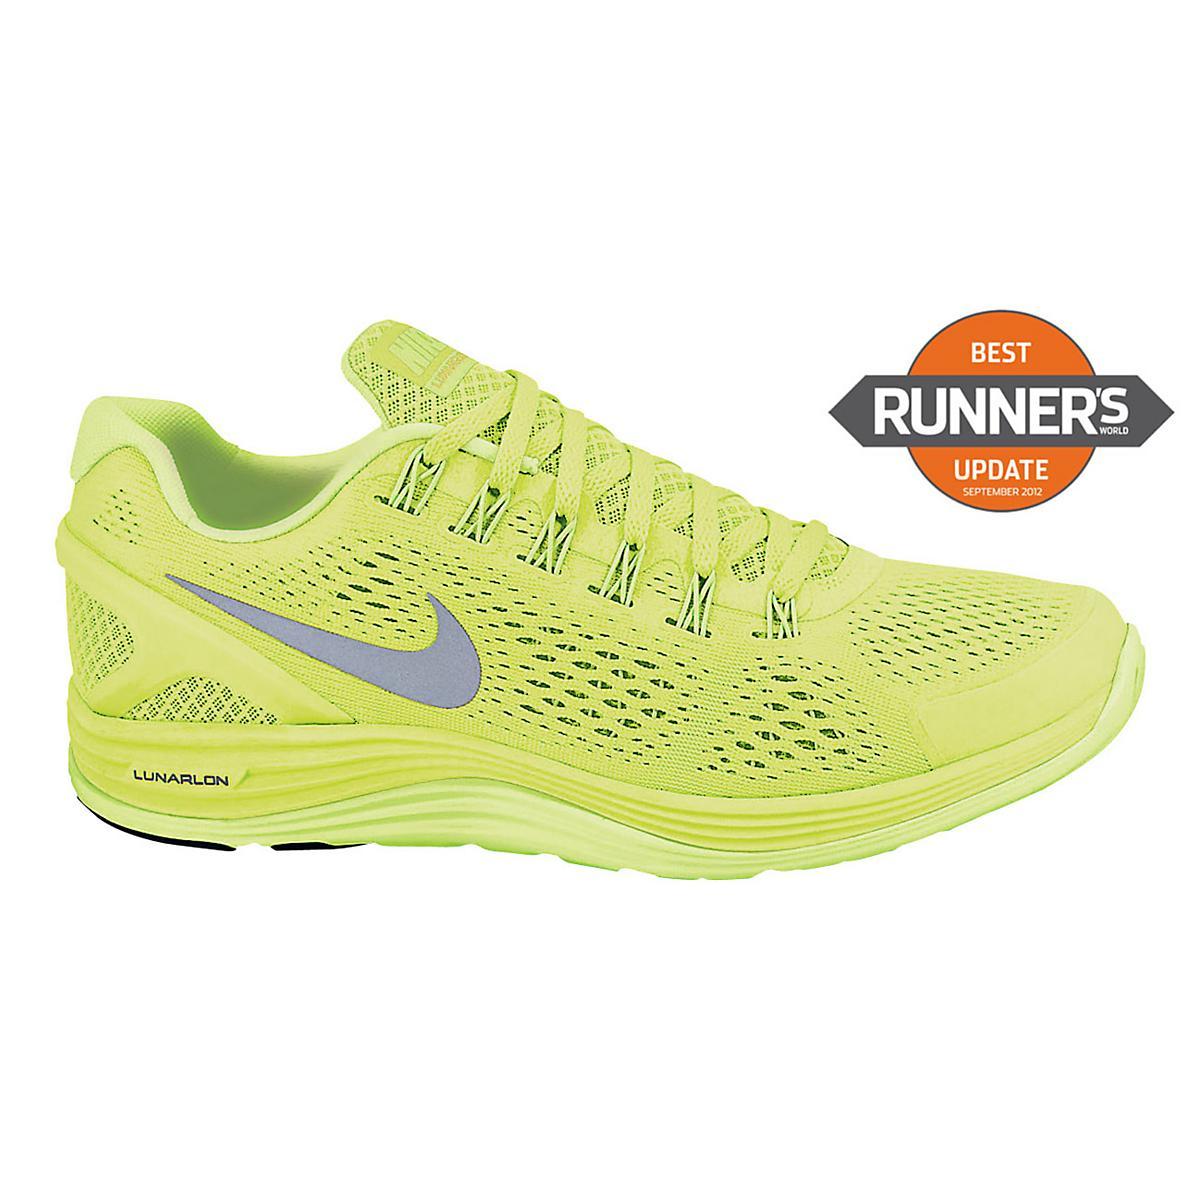 eff434d2e2883 Womens Nike LunarGlide+ 4 Running Shoe at Road Runner Sports